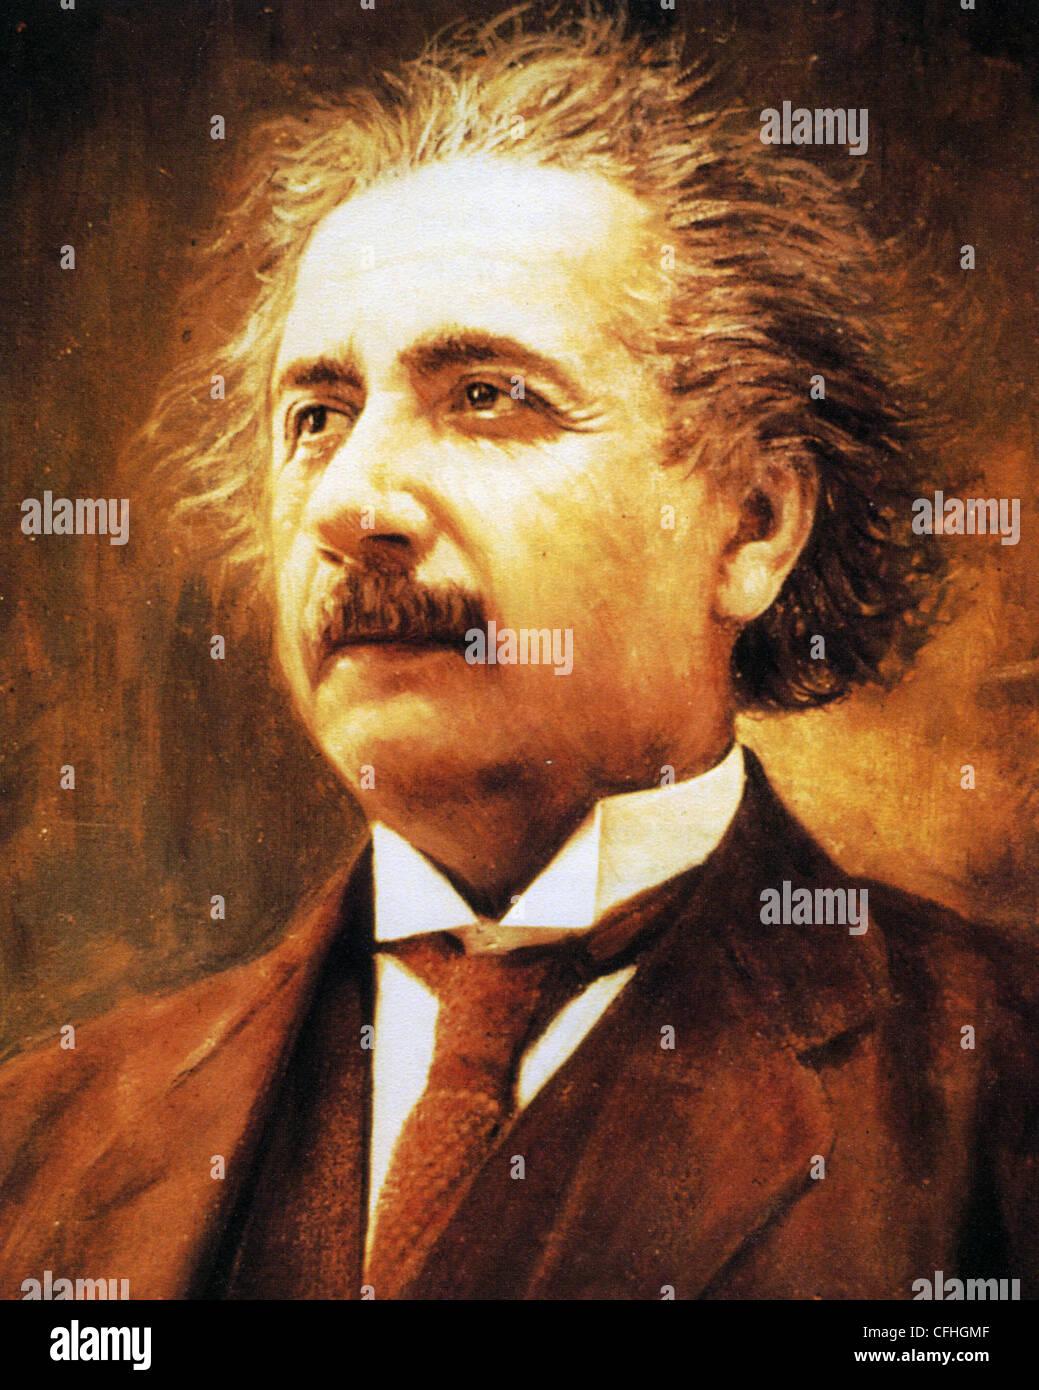 ALBERT Einstein (1879-1955) nasceu físico teórico Alemão Imagens de Stock